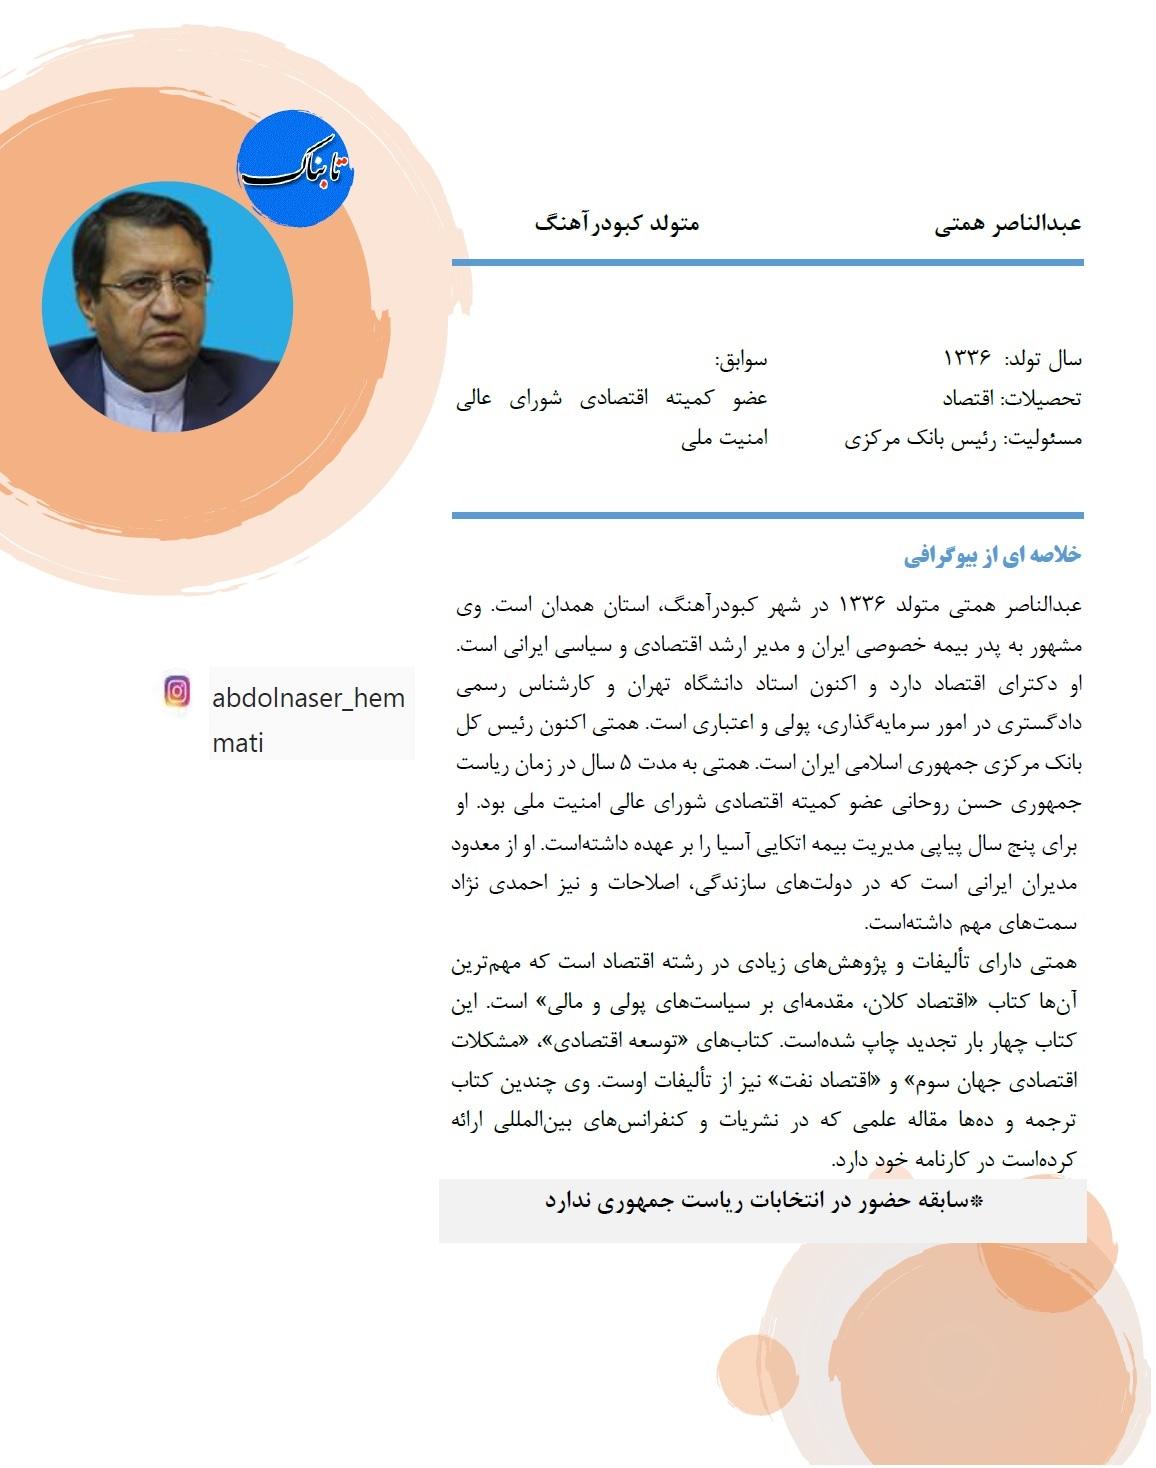 عبدالناصر همتی کیست؟